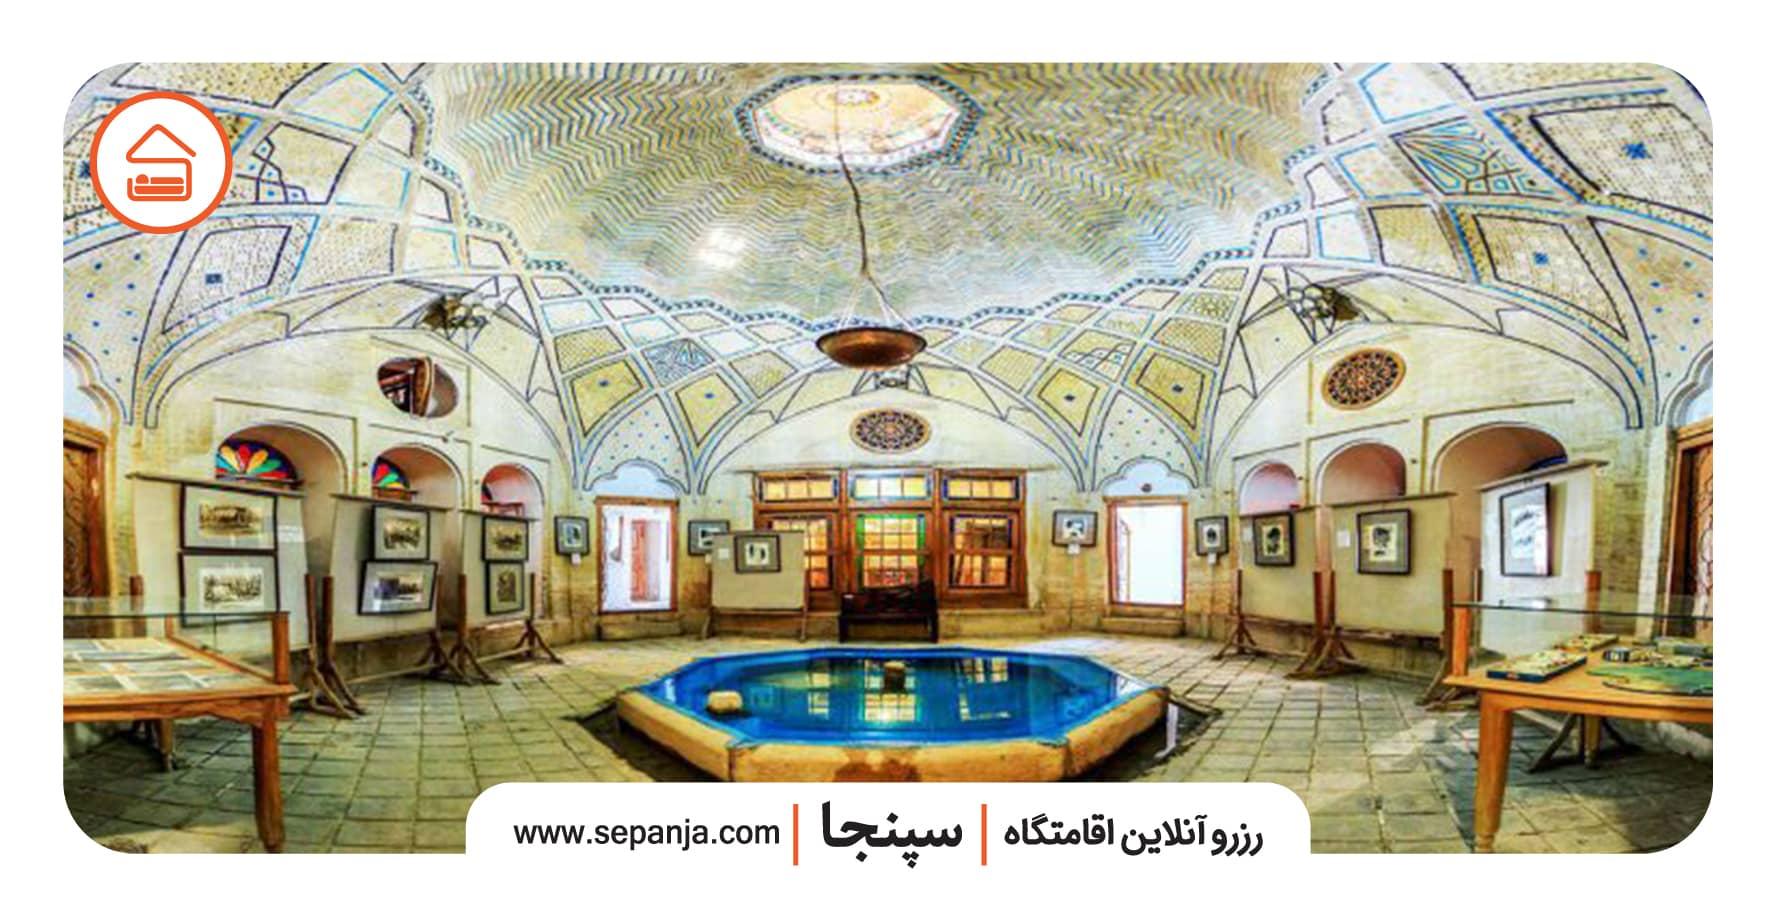 موزه مشکین فام، از مکان های ناشناخته شیراز